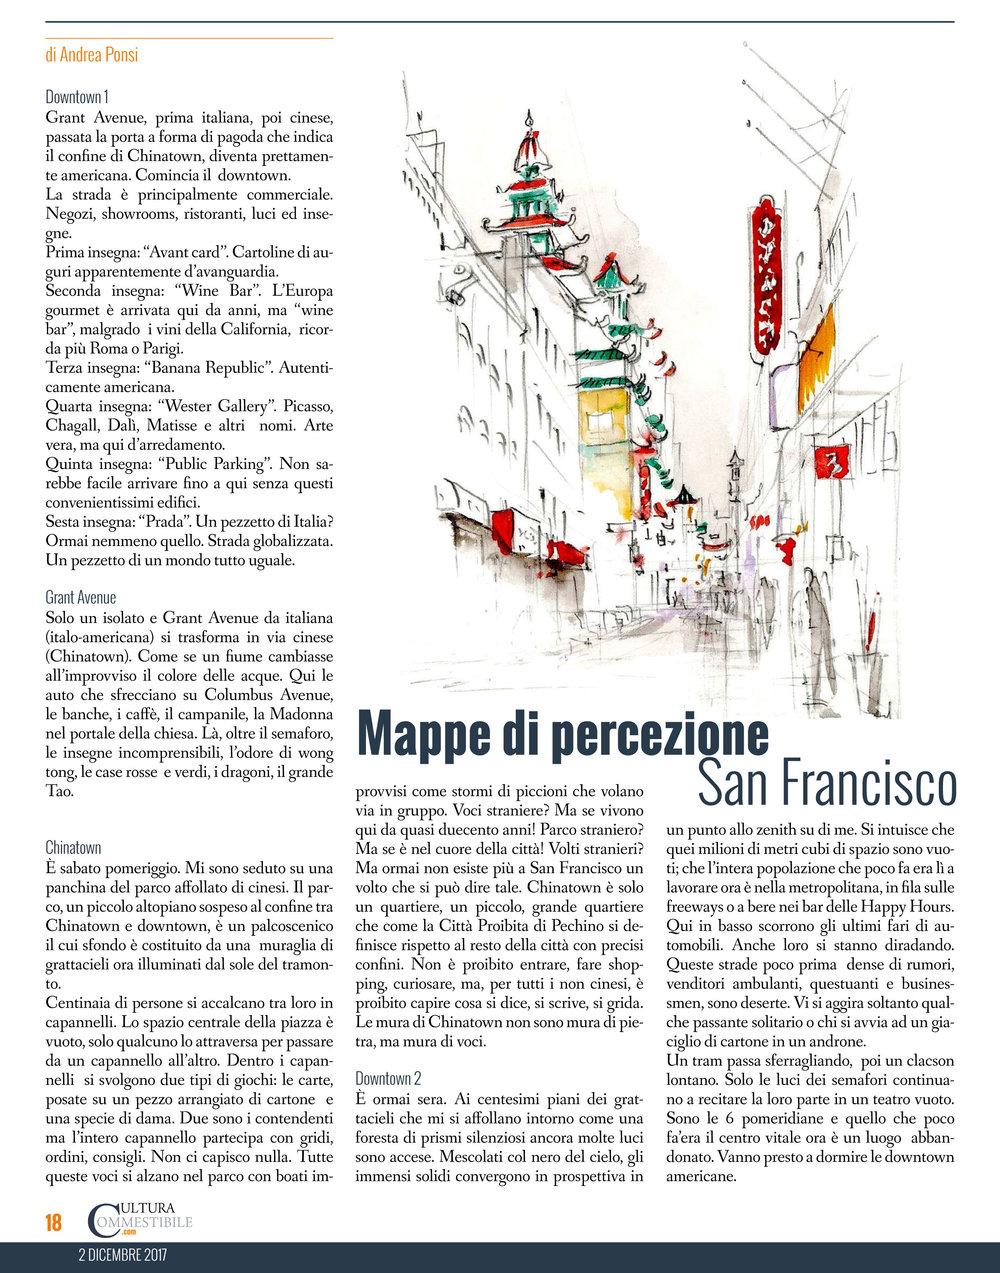 Cultura-Commestibile-241-18.jpg